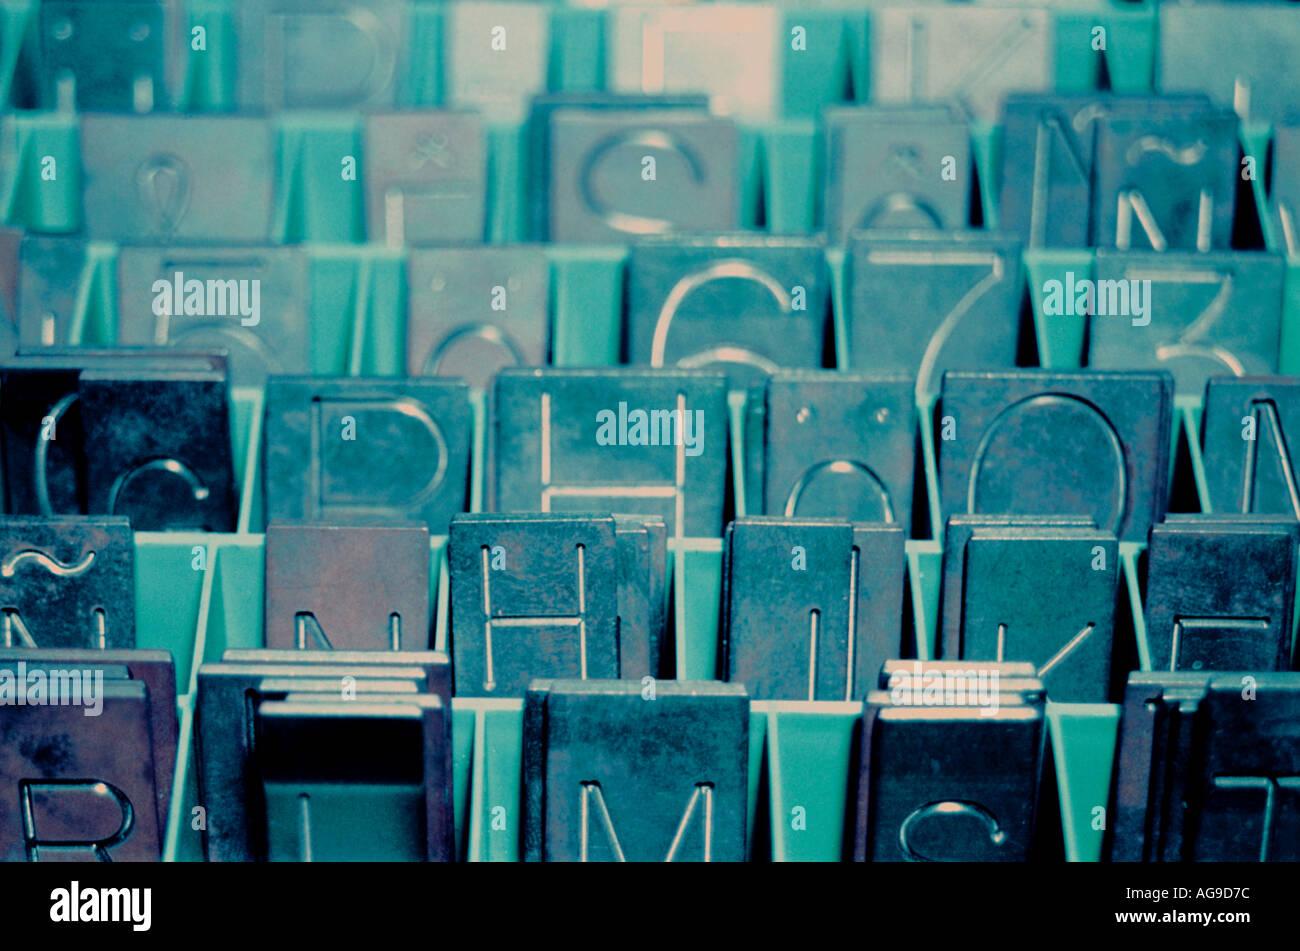 Grabado de placas del alfabeto Imagen De Stock